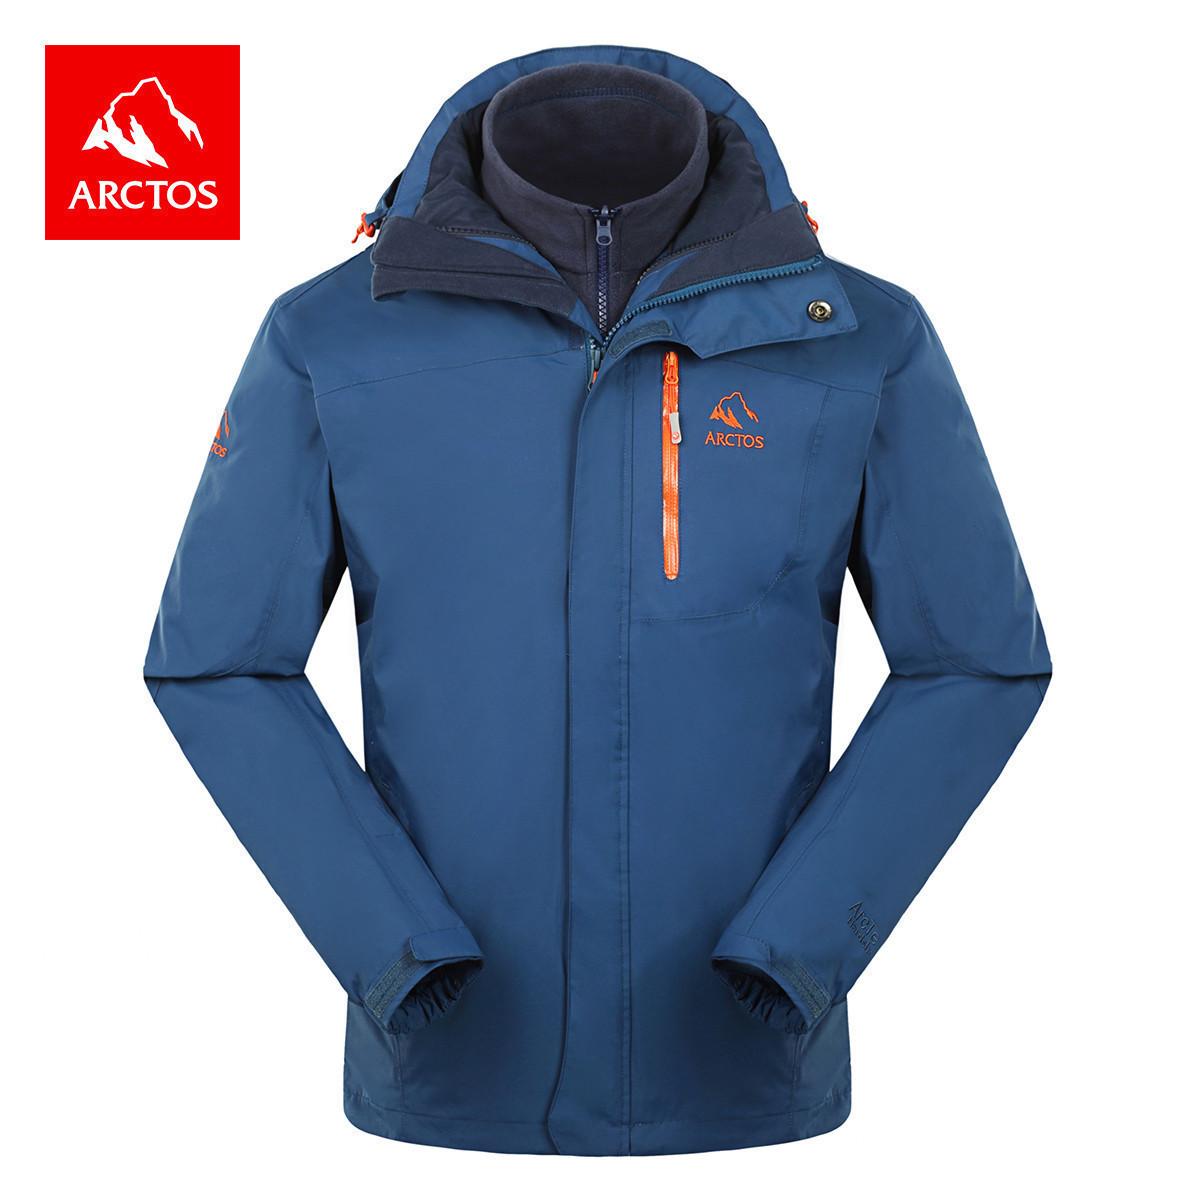 超值特价 ARCTOS极星户外冲锋衣 男女三合一两件套 清仓正品外套